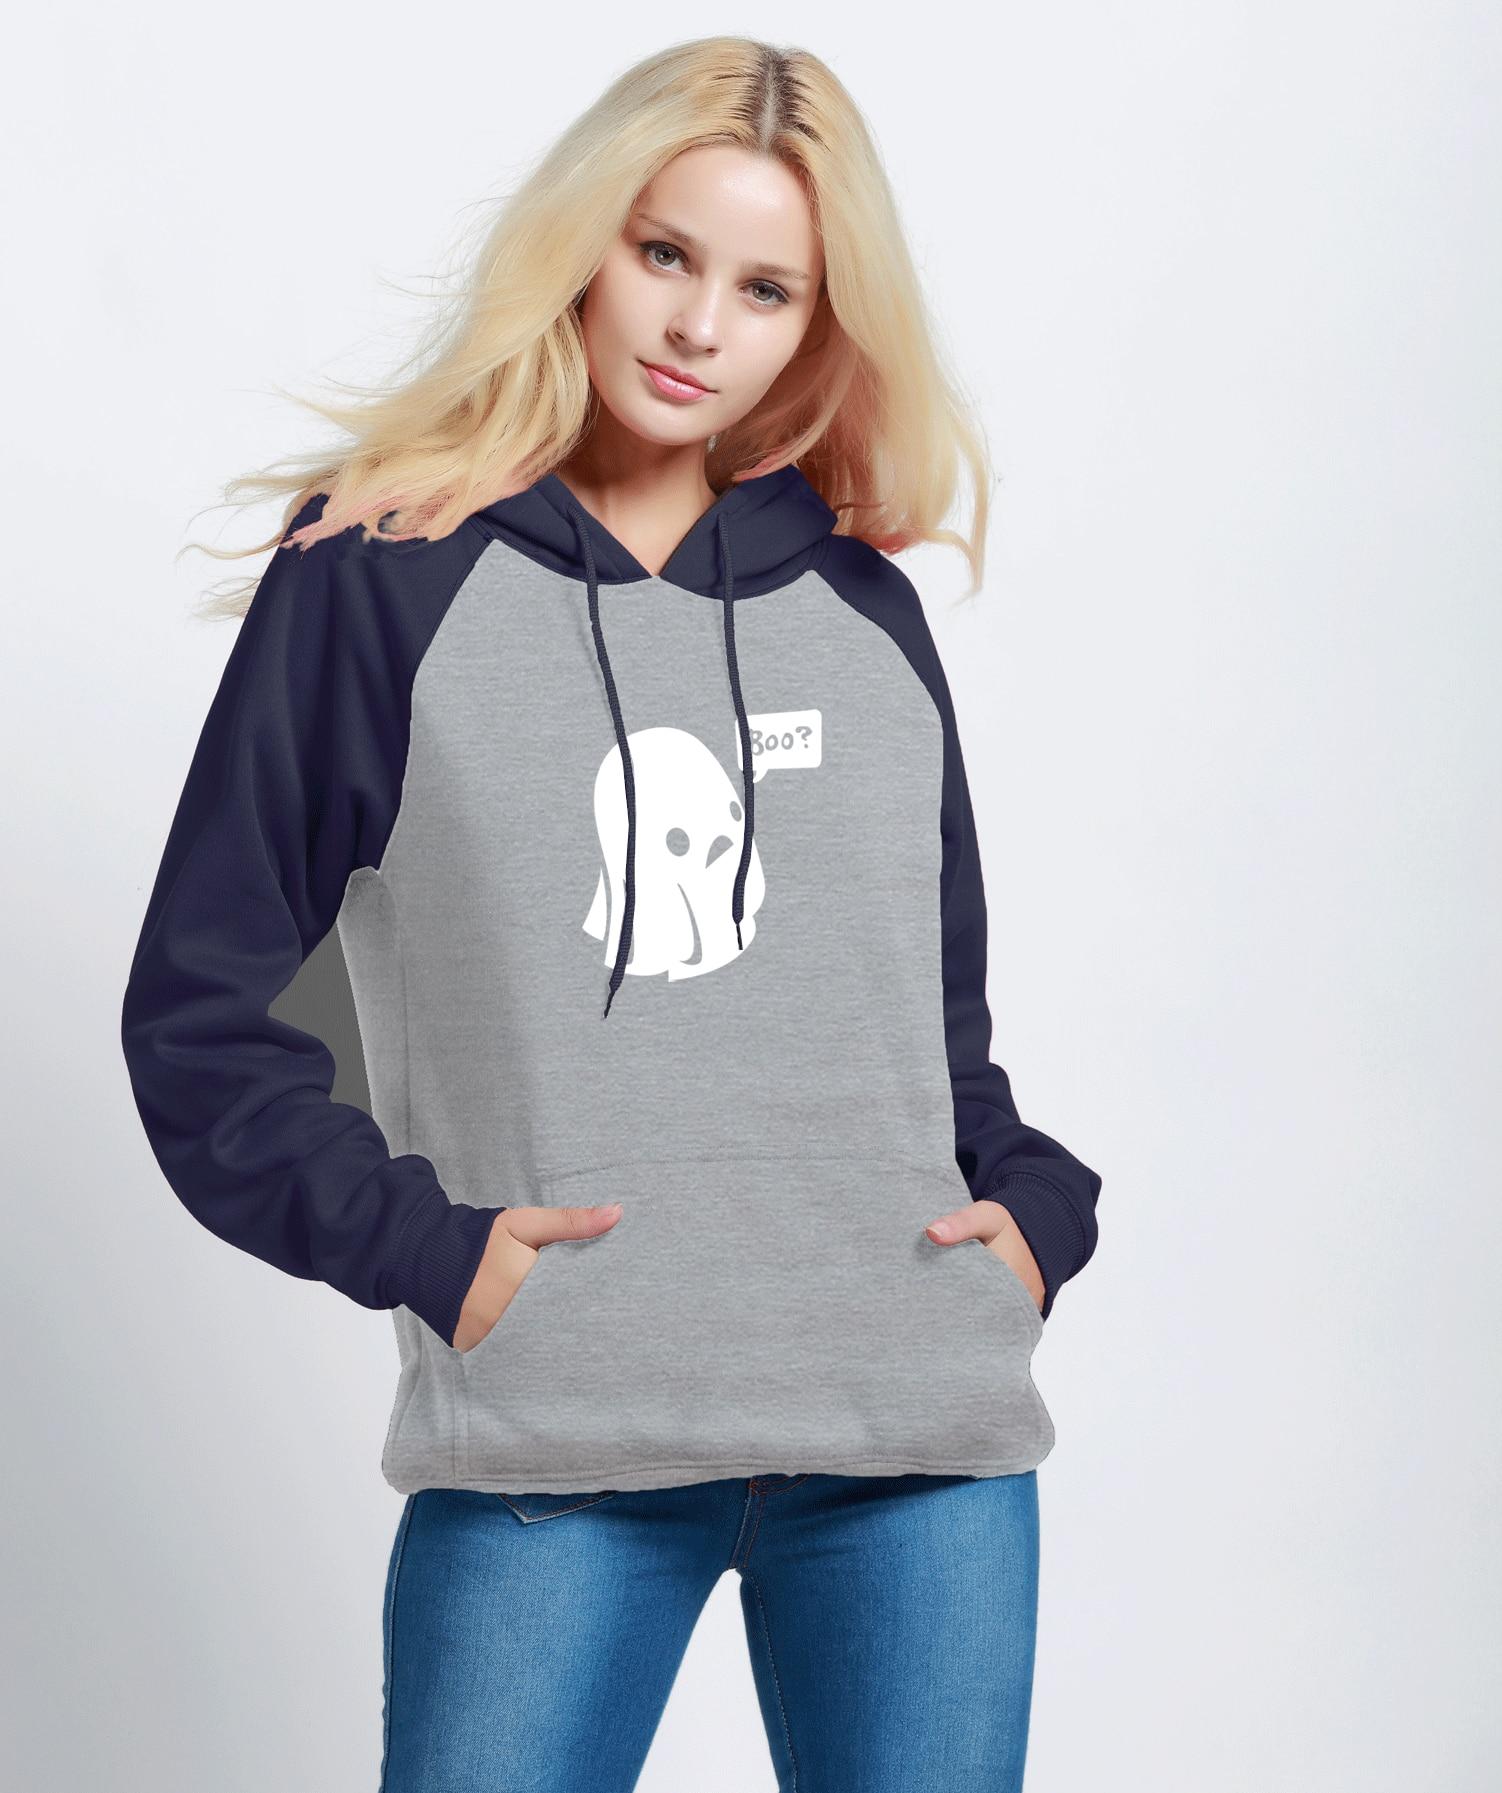 Kawaii Hoodies Print Ghost Boo Halloween Streetwear 2018 Autumn Winter Raglan Sweatshirts Womens Sportswear Harajuku Kpop Hoody